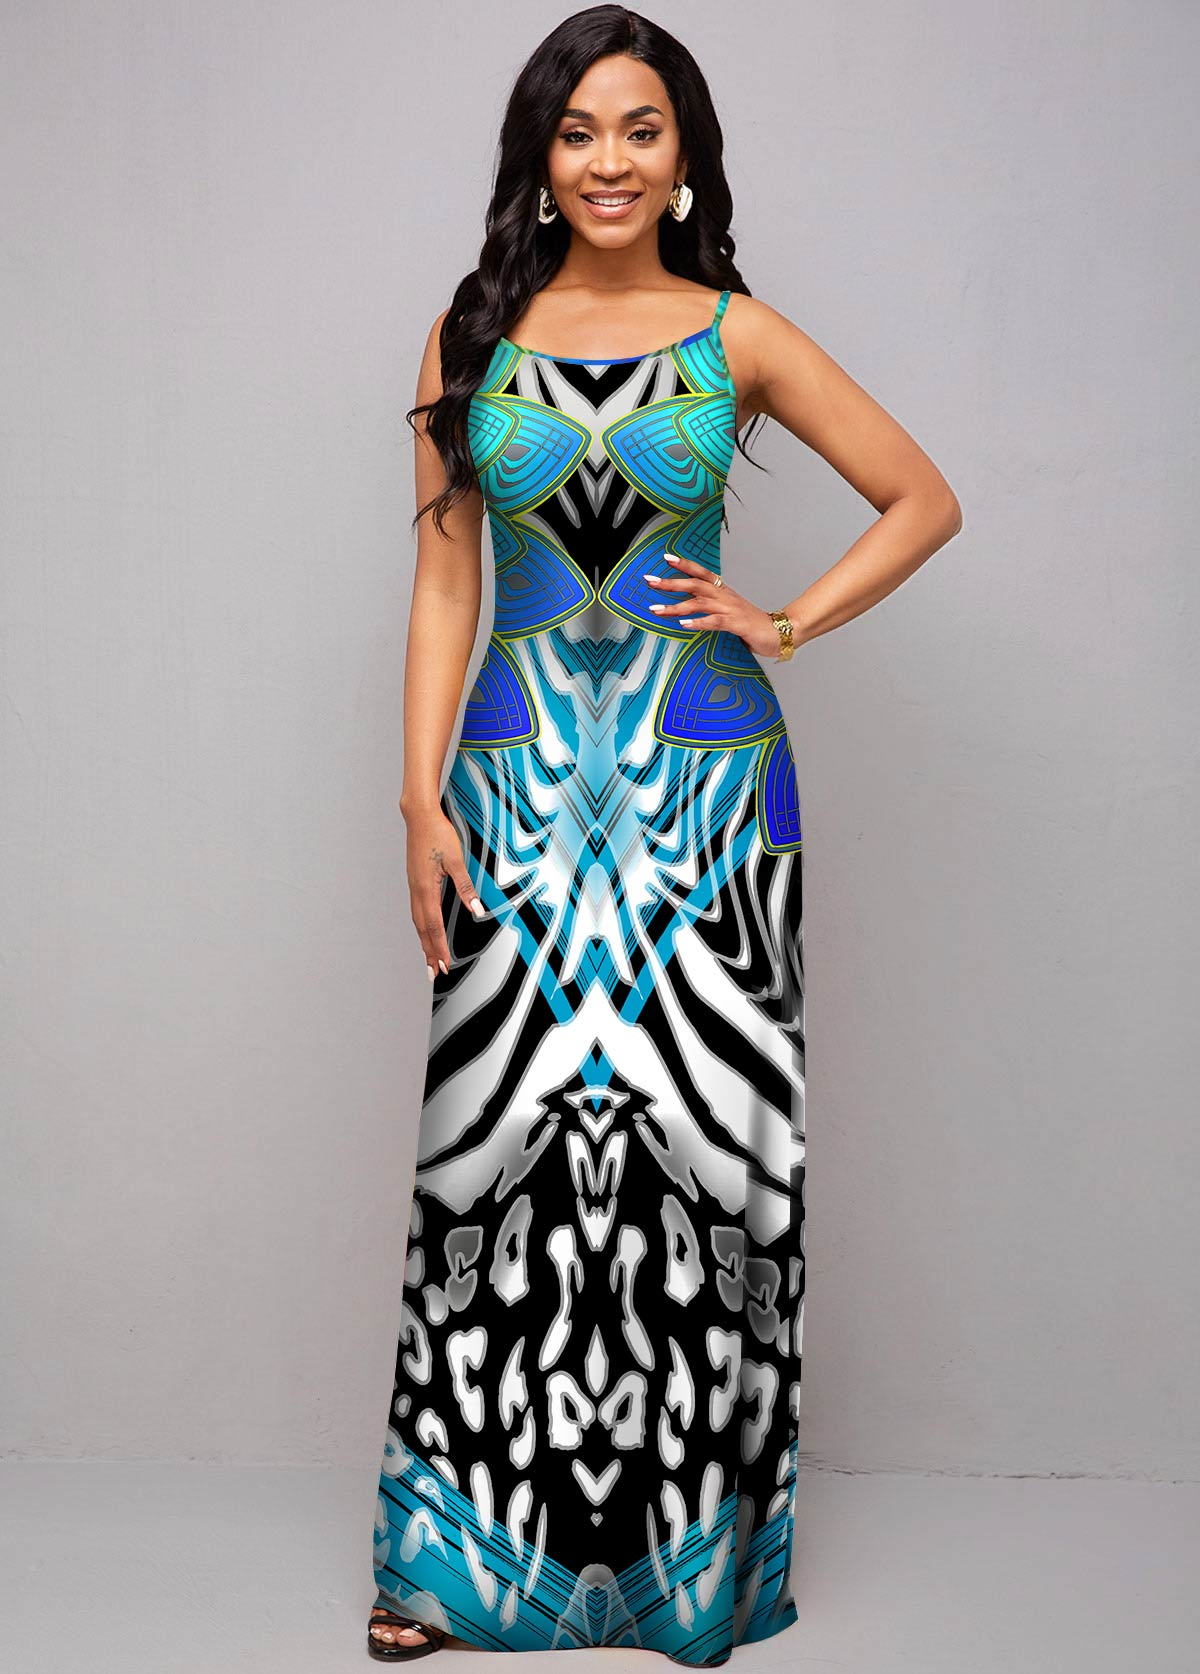 ROTITA Spaghetti Strap Leopard and Tribal Print Dress